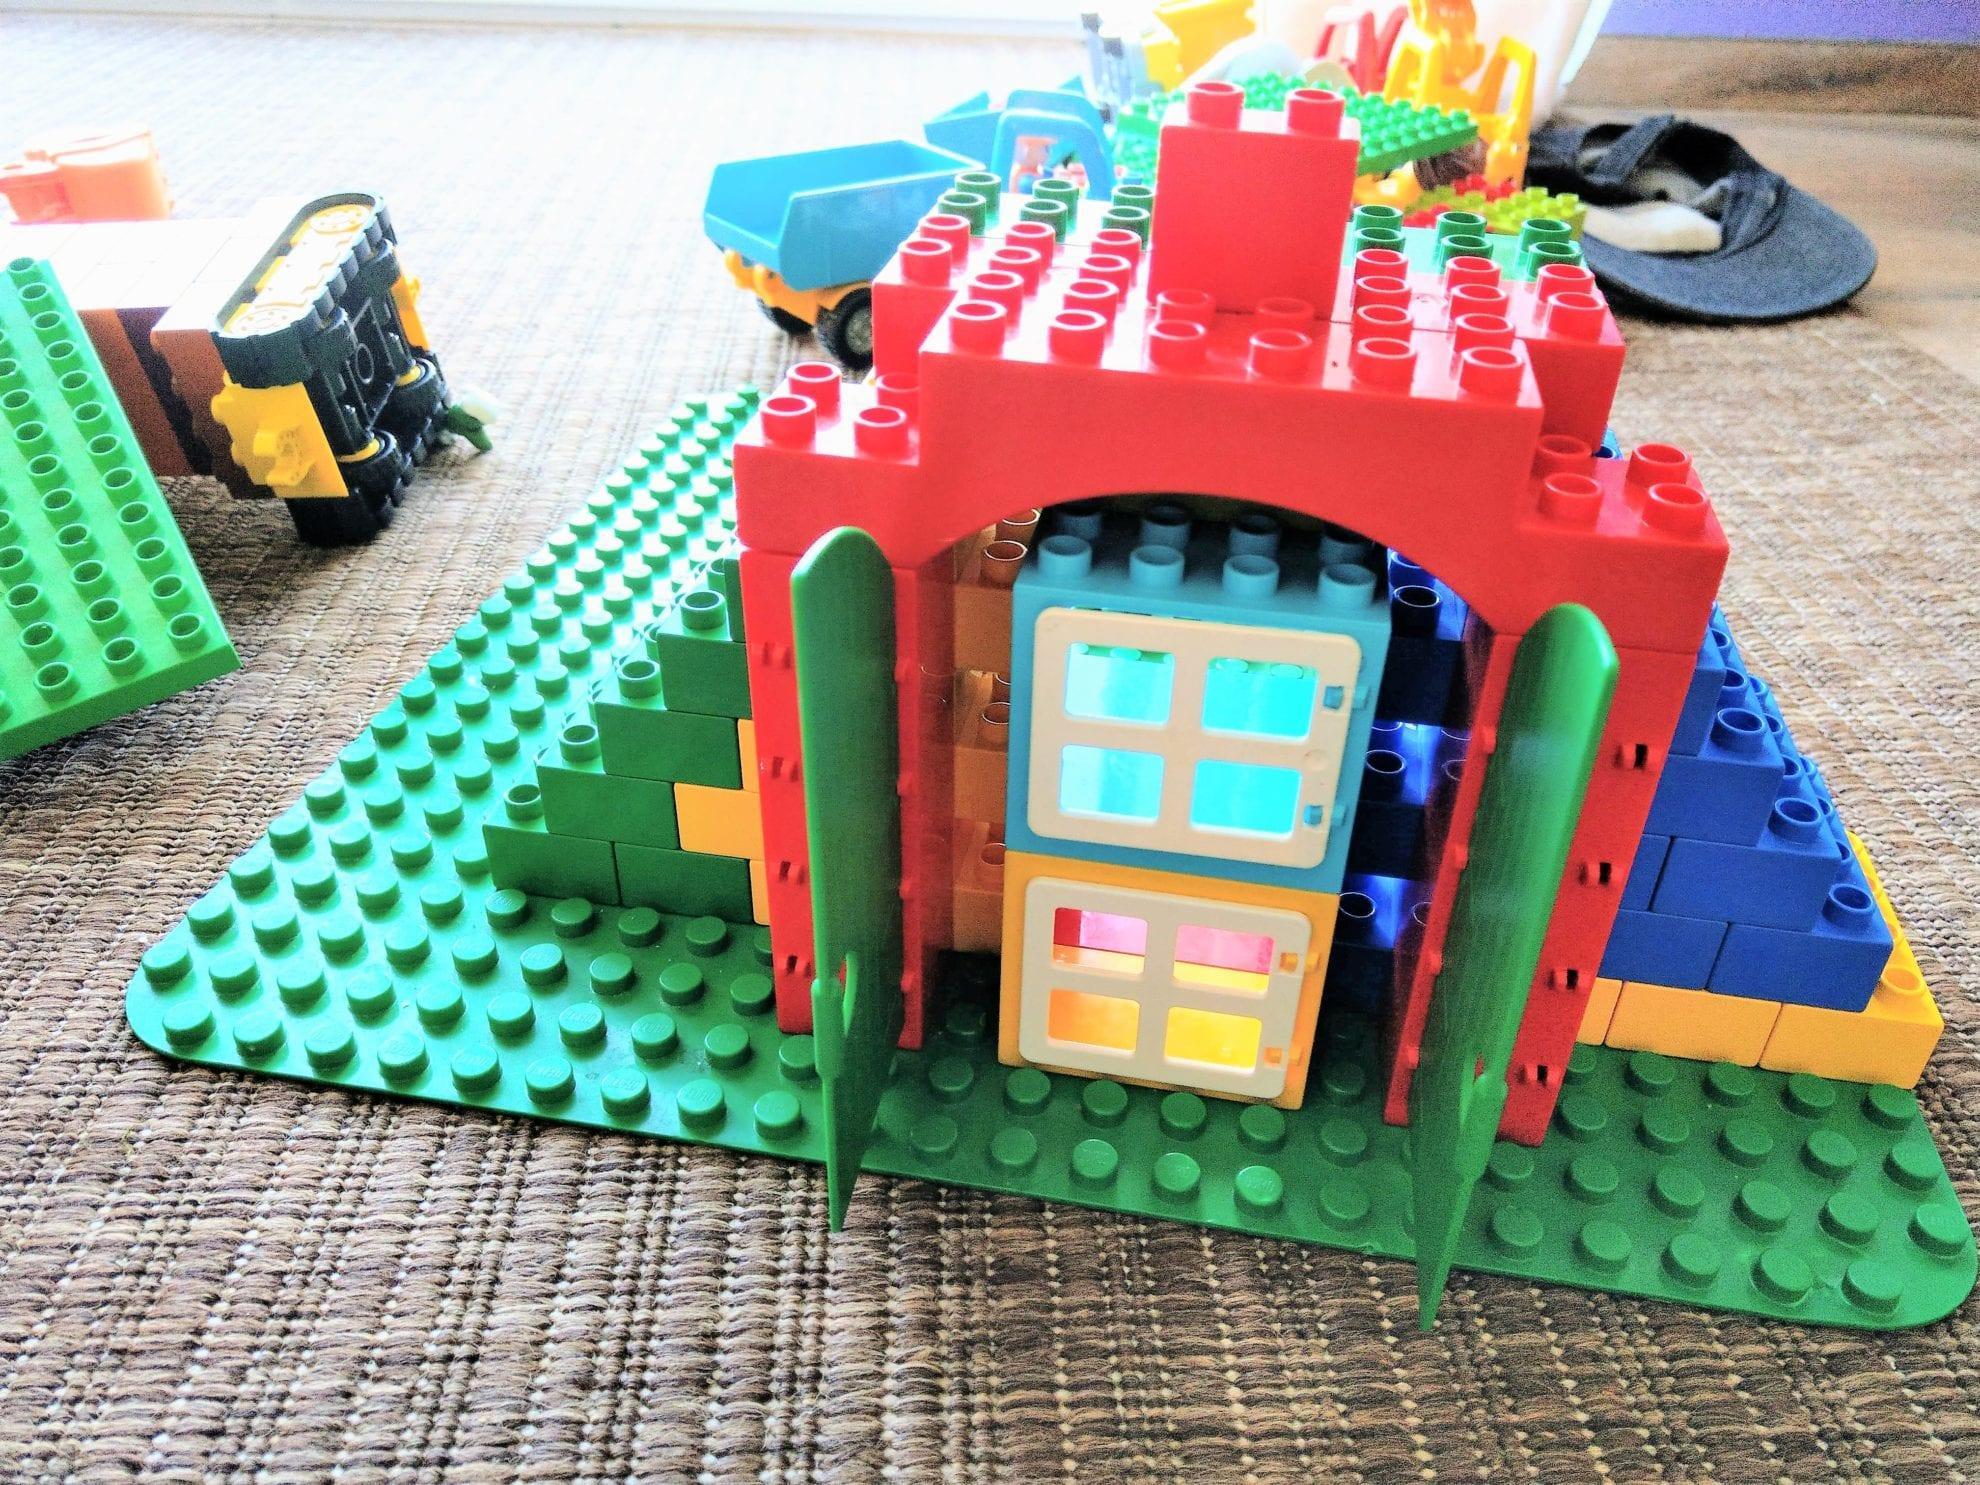 Die Bausteine fördern die Kreativität und werden daher sehr gern von den Kindern bespielt. Diesmal ist ein Haus entstanden.